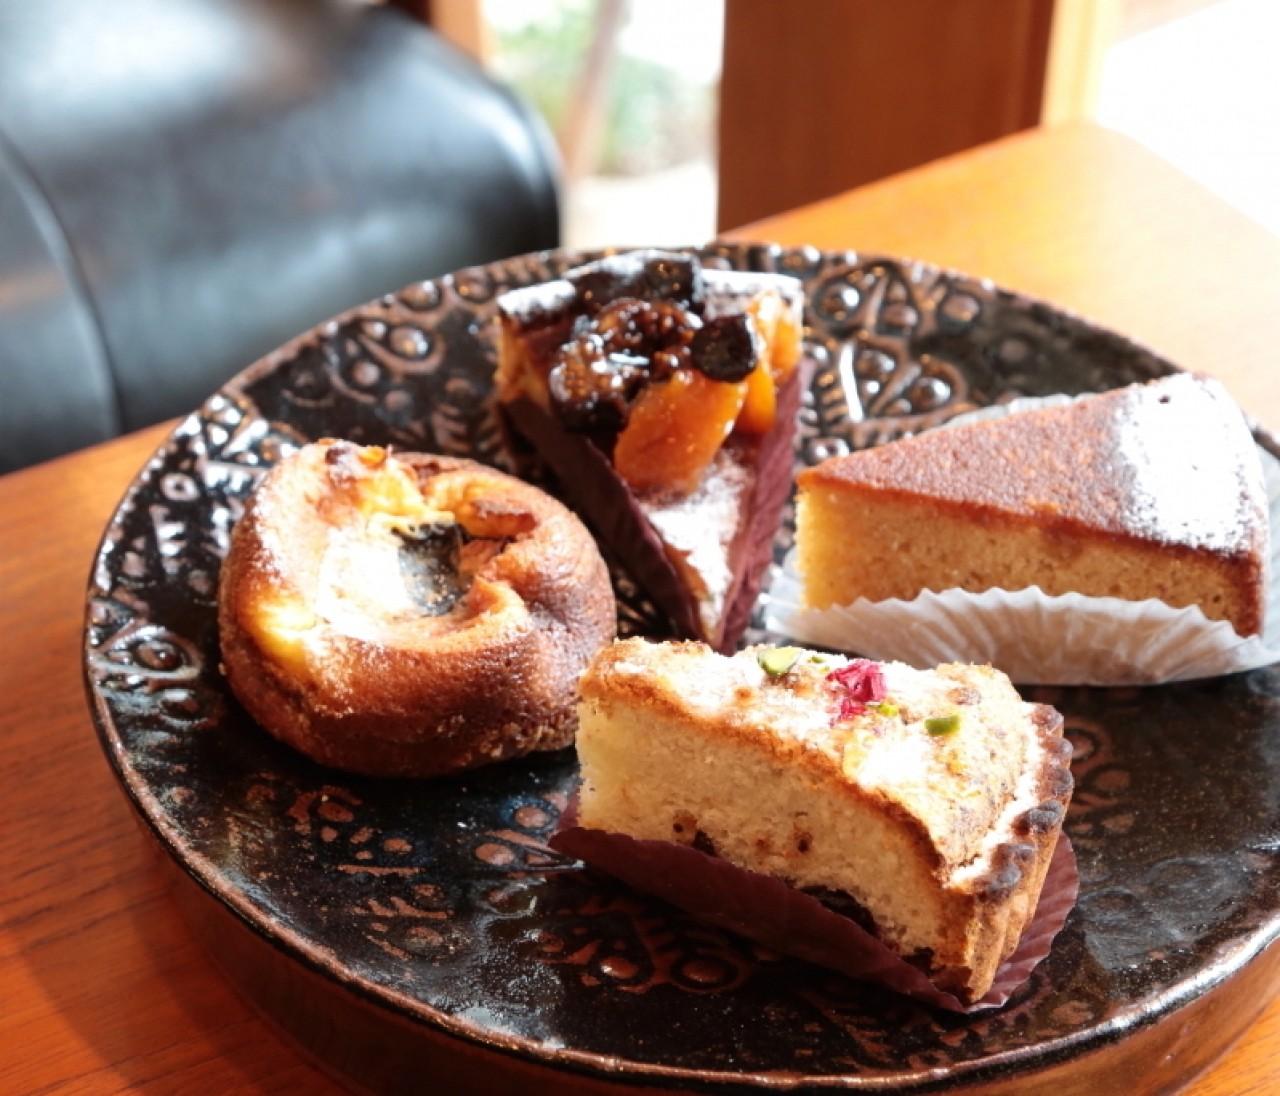 手土産にもおすすめの焼き菓子。神戸・六甲エリア④【関西のイケスポ】